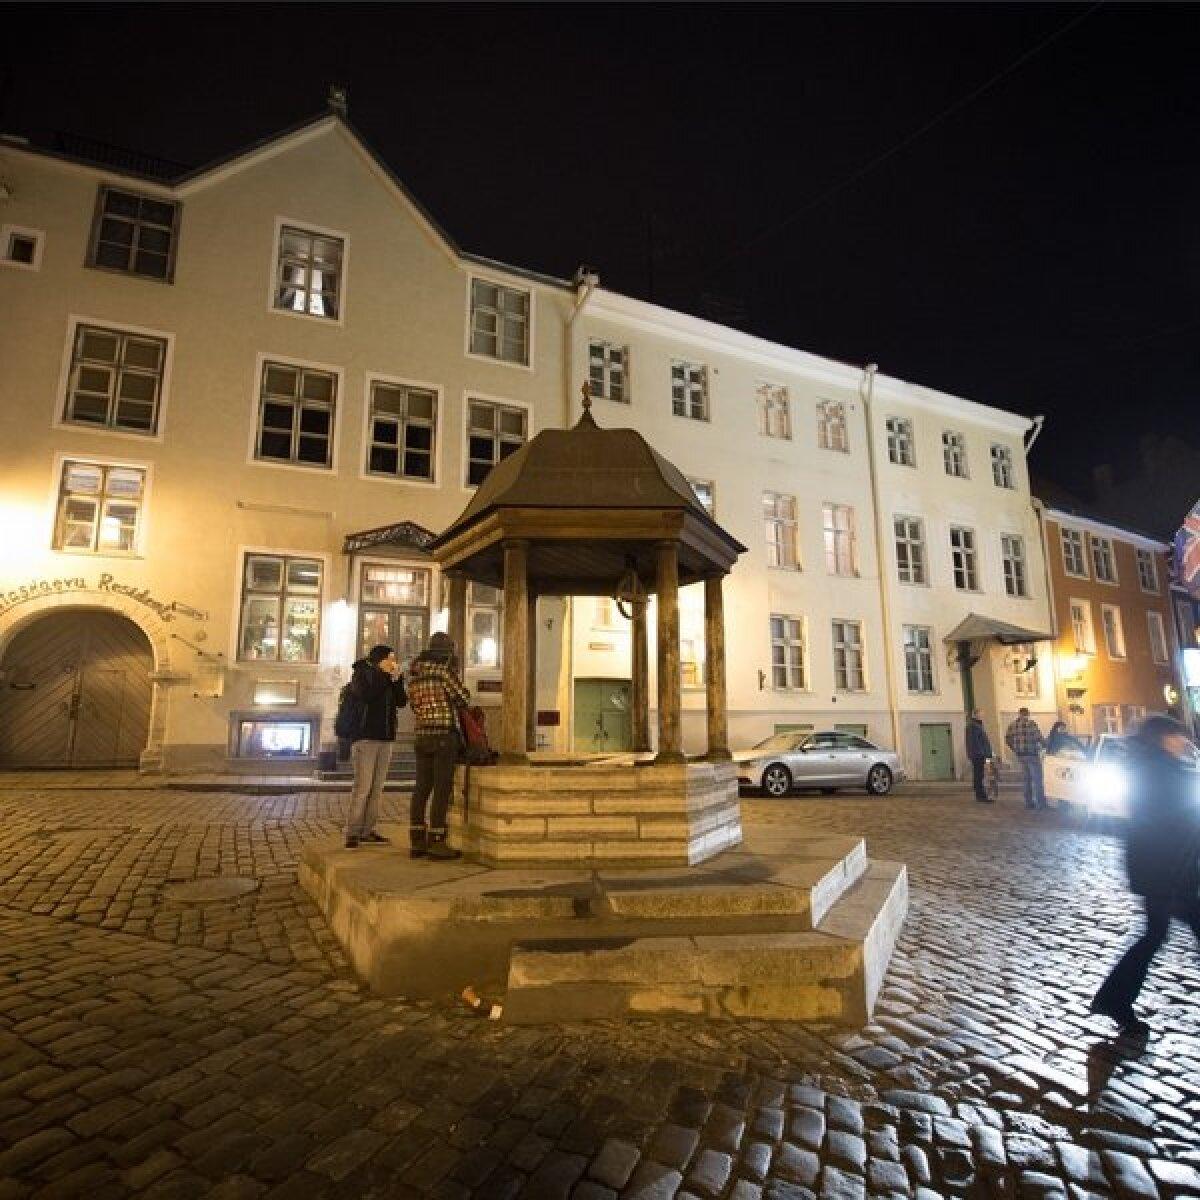 Kummituslik Tallinna vanalinn. Rataskaevu kassikaev.